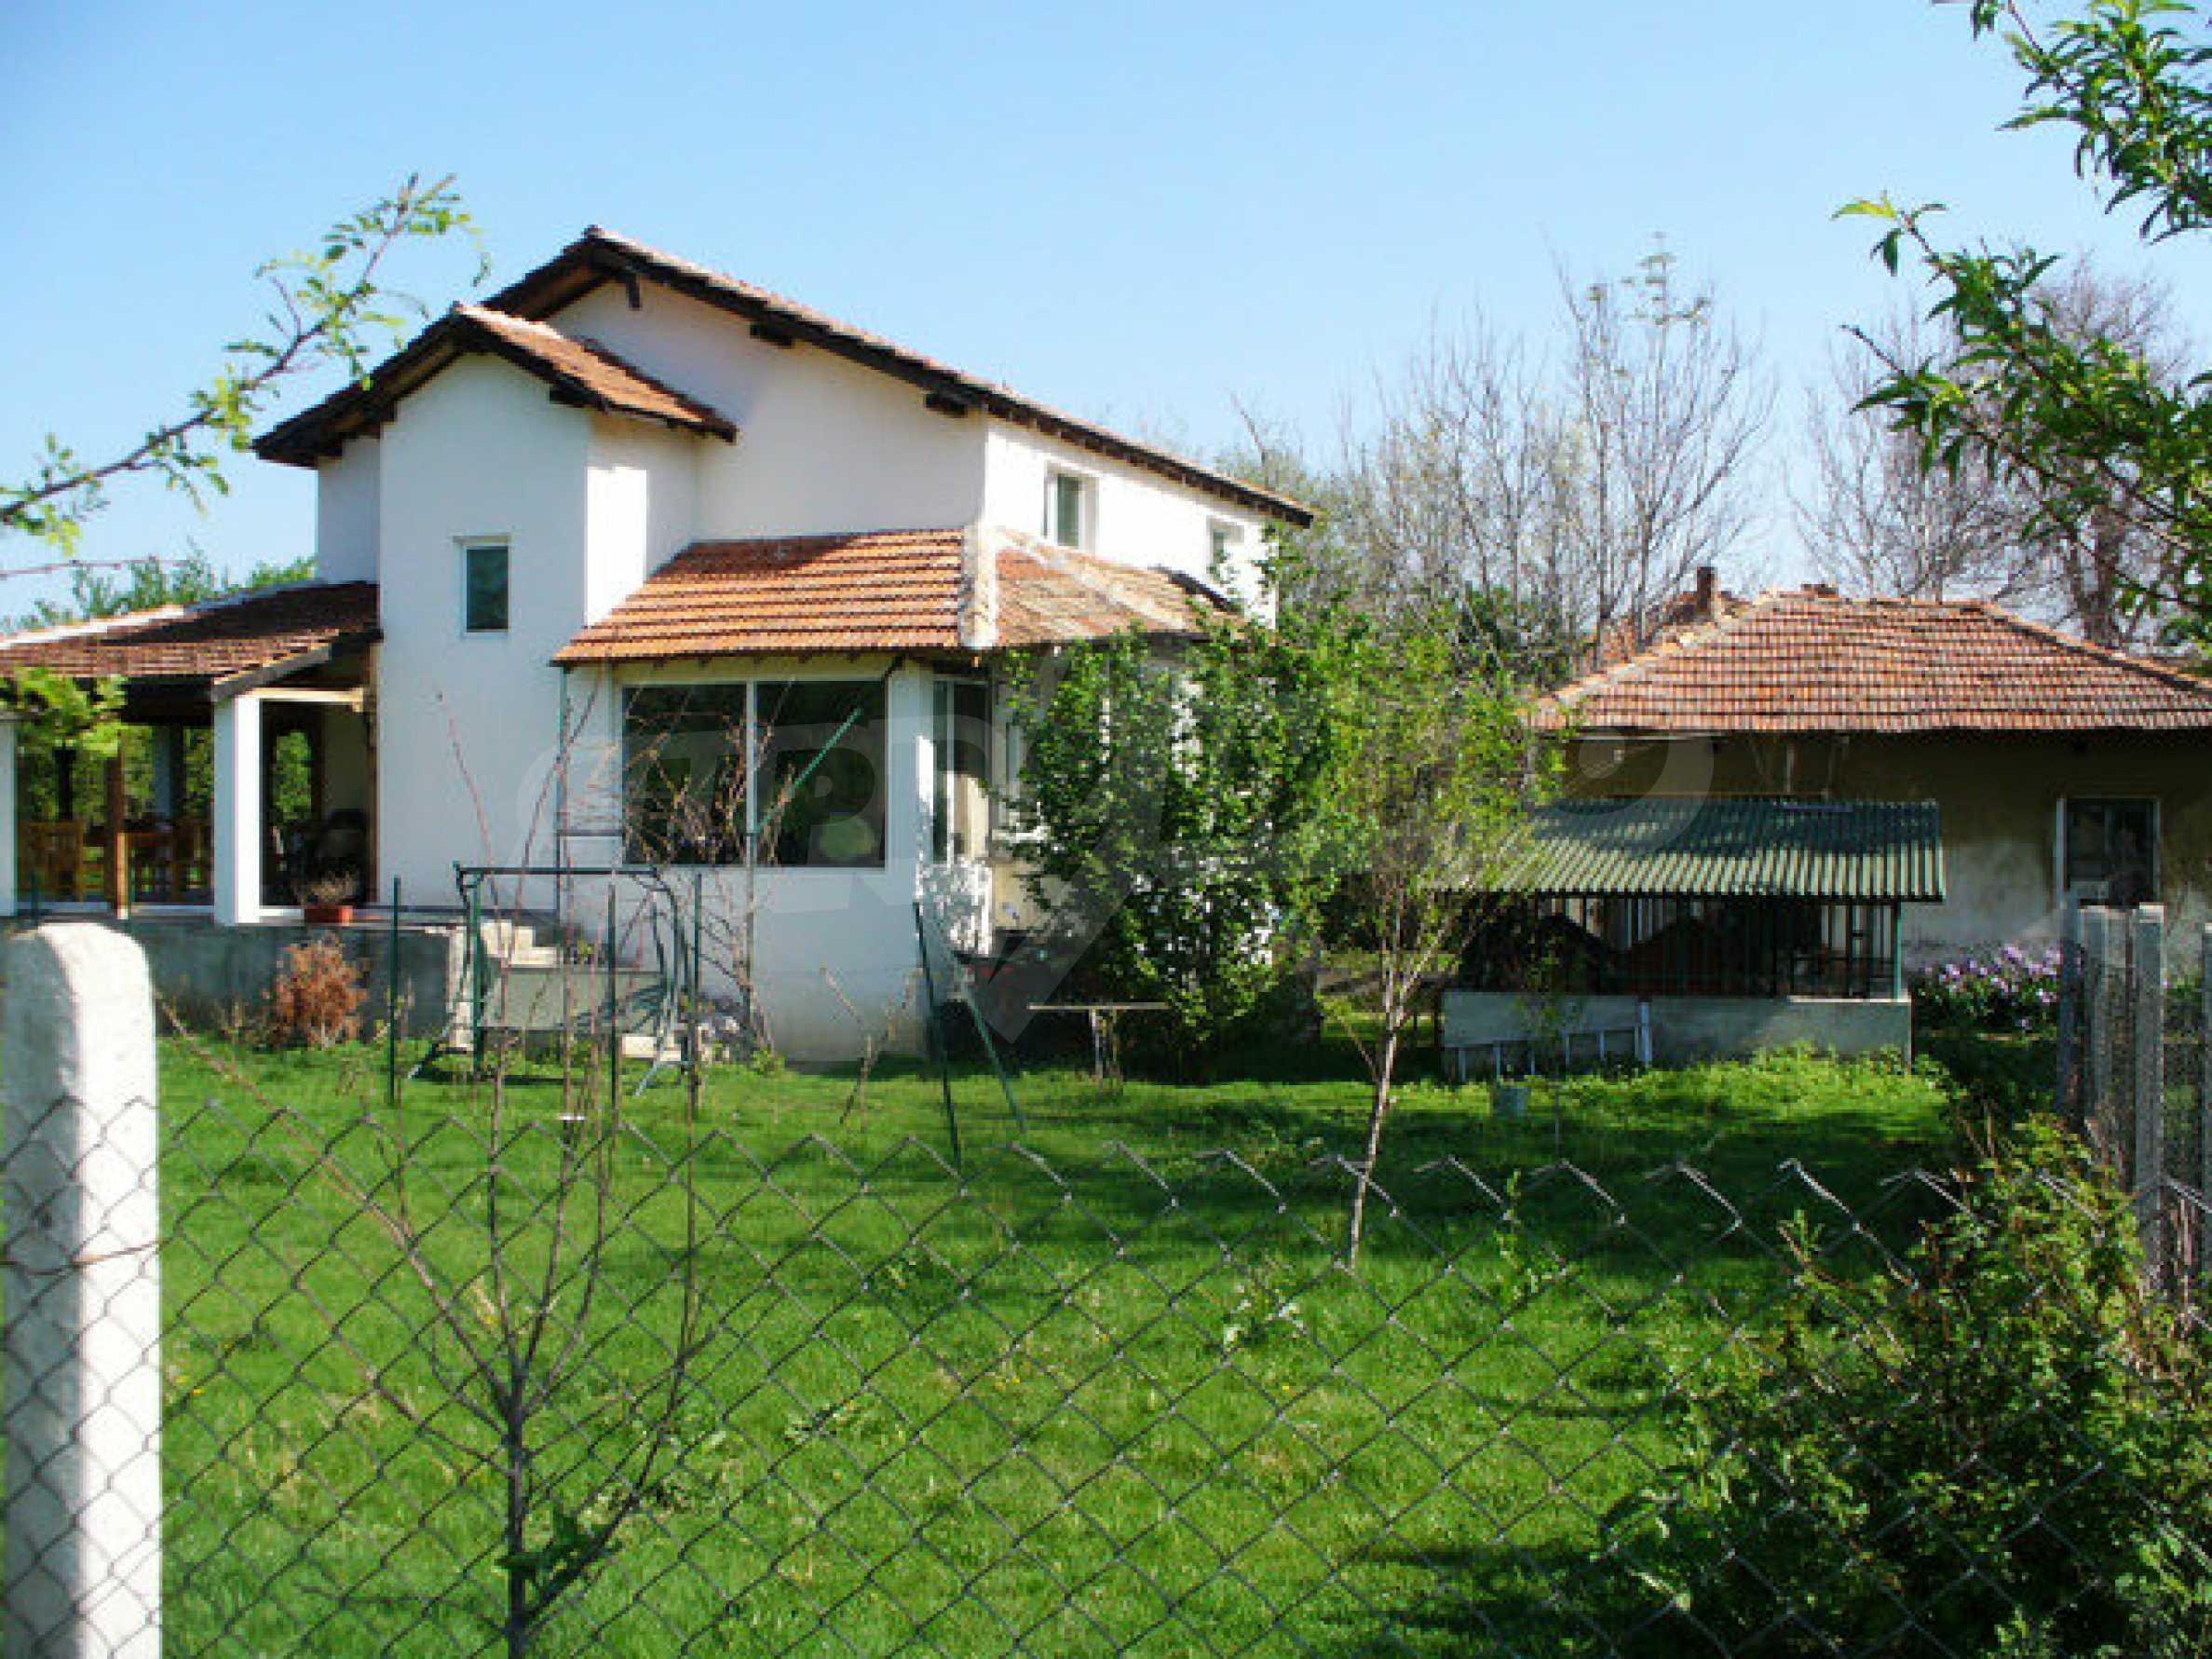 Solides Haus in sehr gutem Zustand, 30 km von Vidin 2